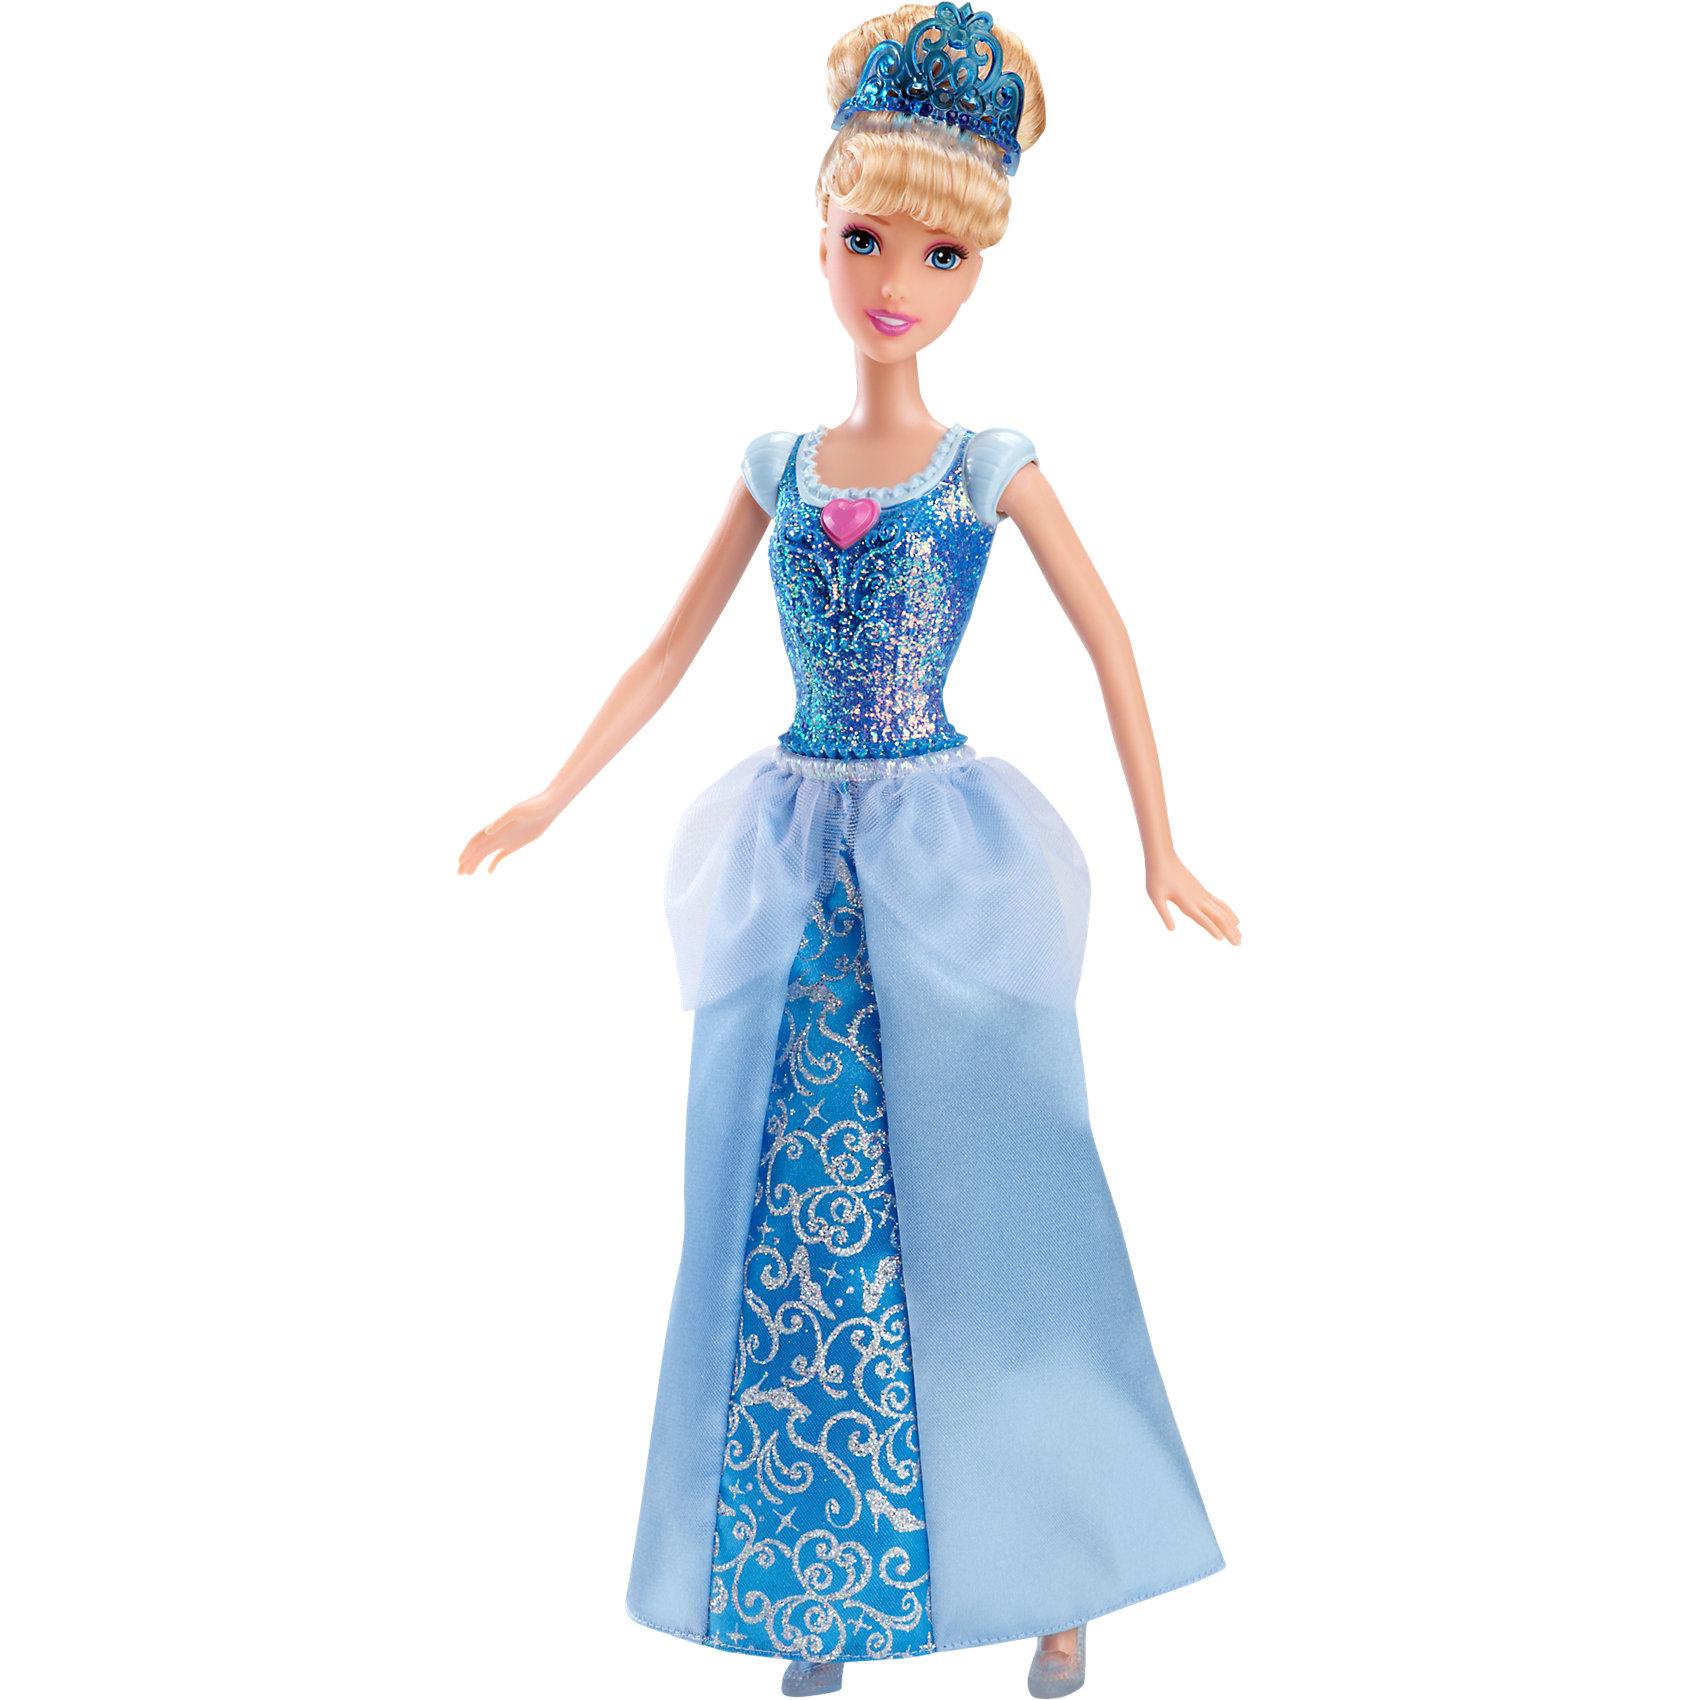 Mattel Кукла Золушка, Принцессы Дисней mattel mattel кукла ever after high мишель мермейд